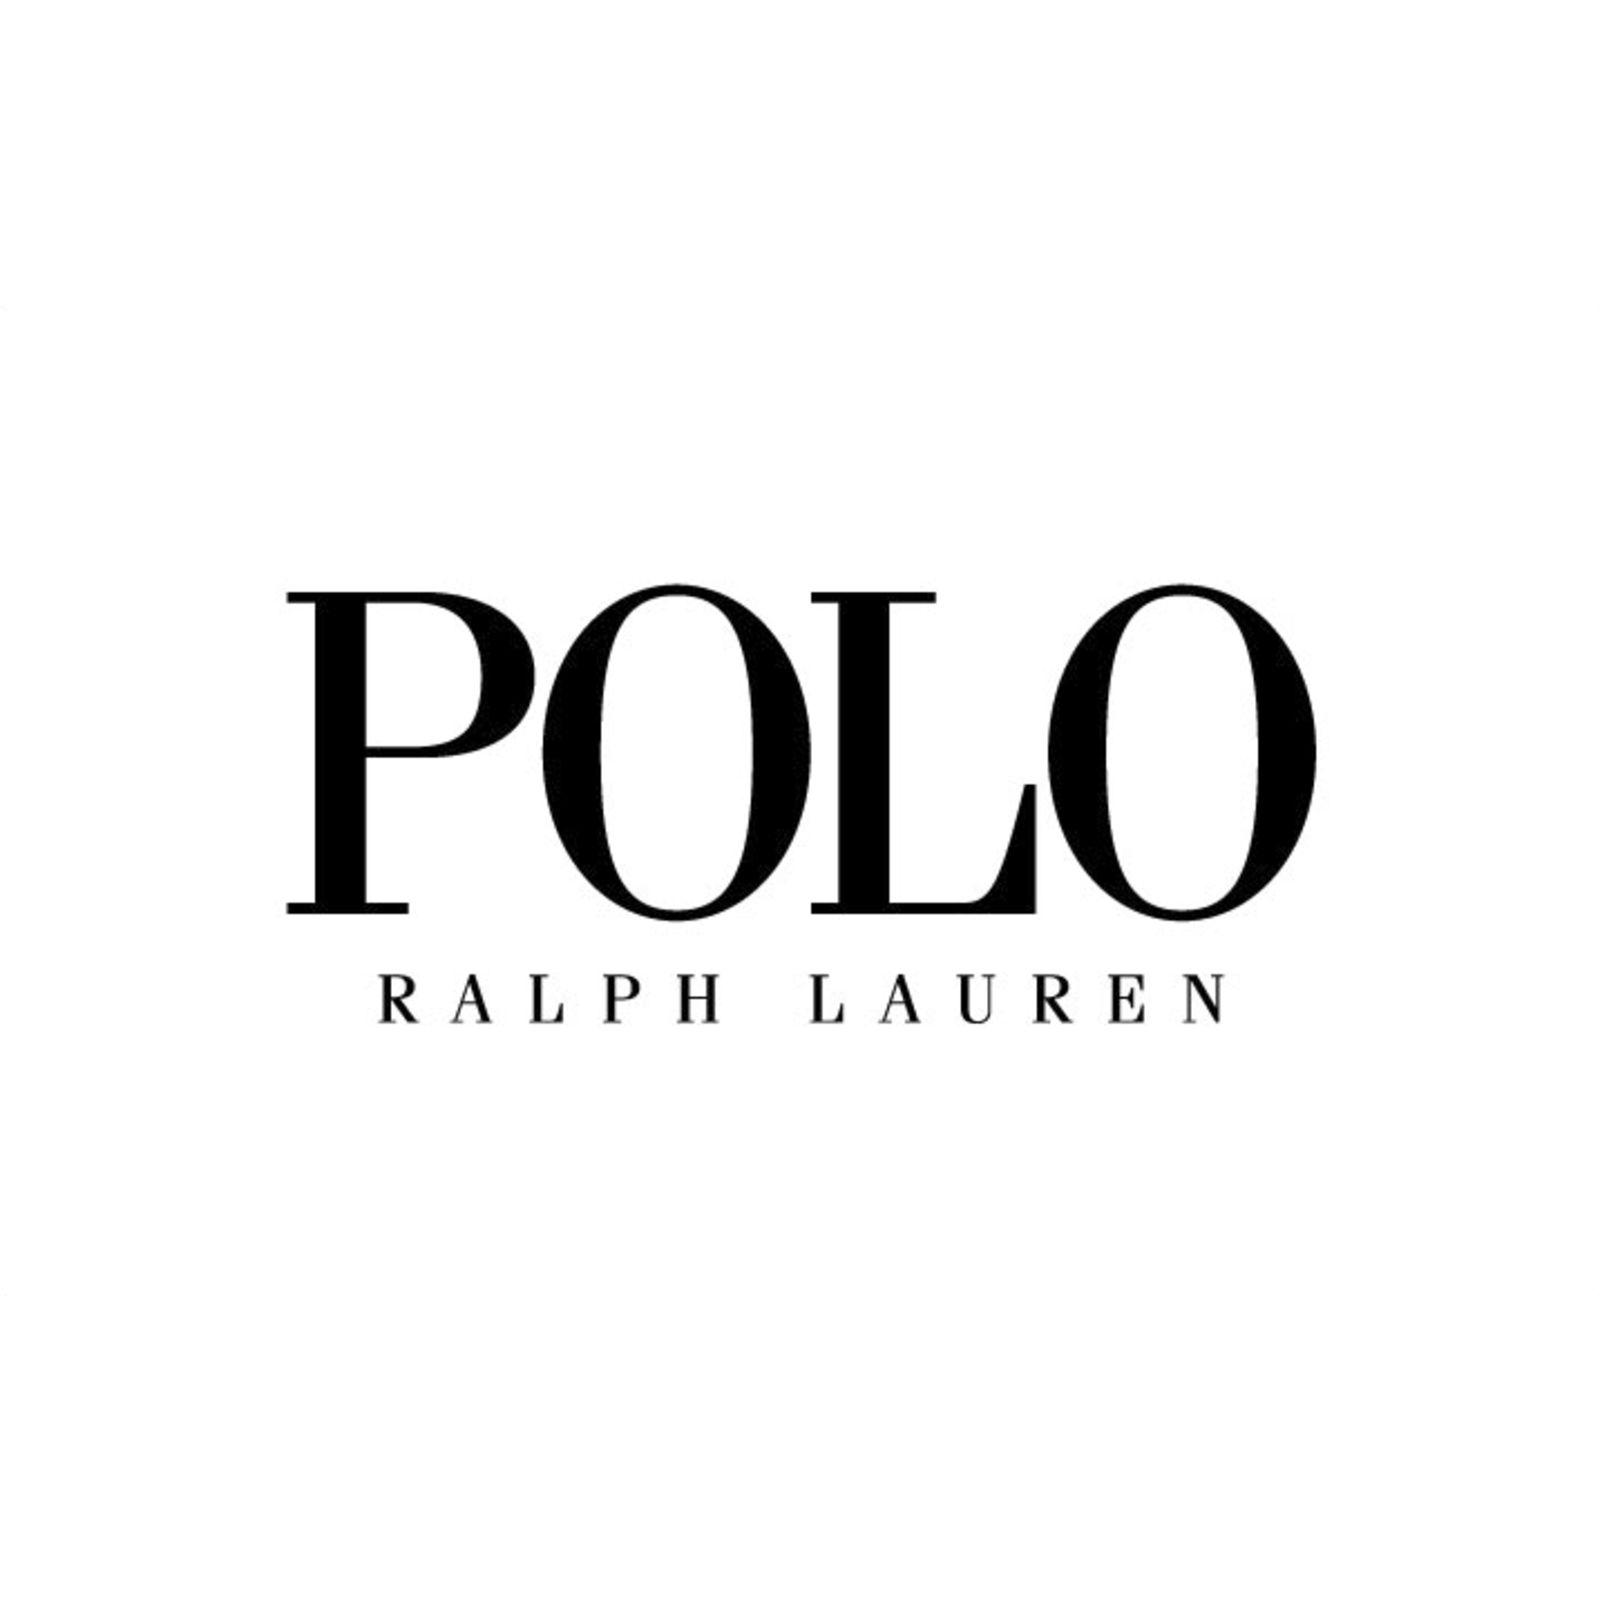 POLO RALPH LAUREN (Изображение 1)